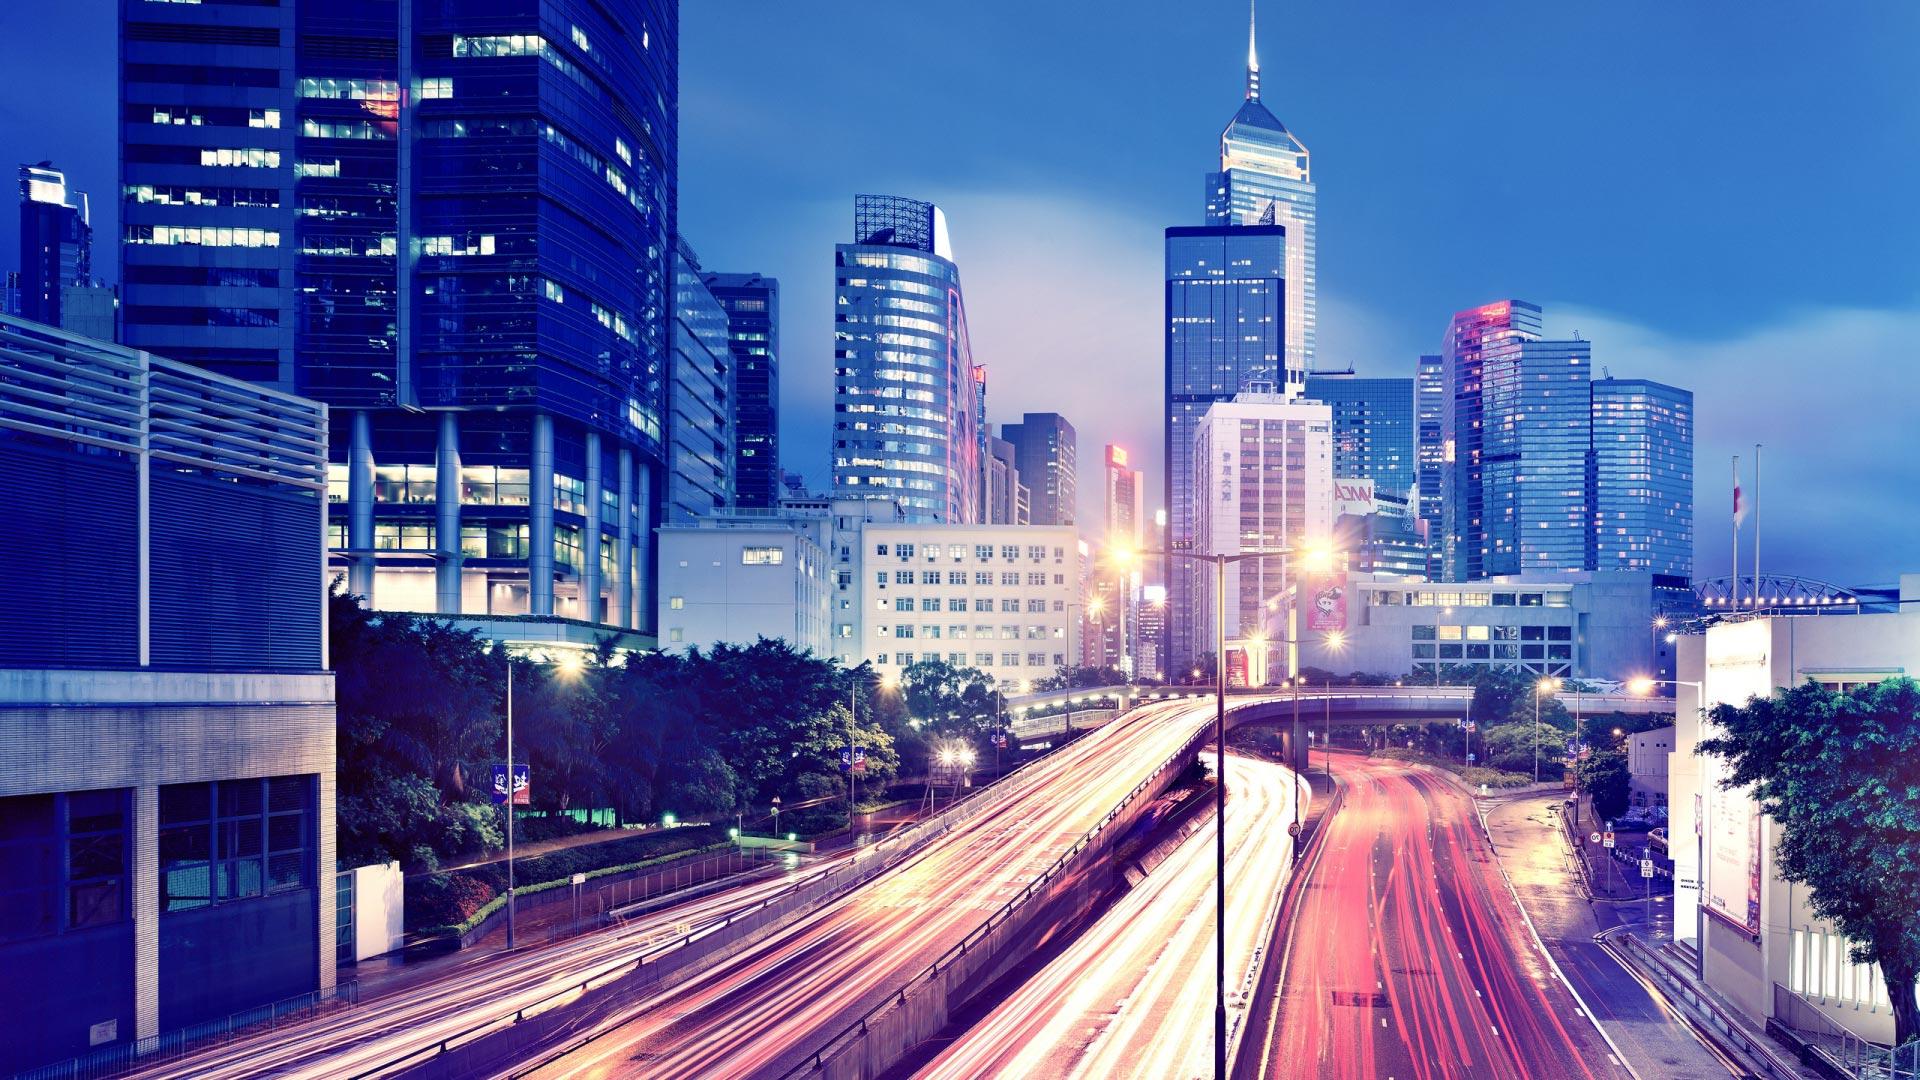 стоял фотографии ночных мегаполисов завершение необходимо